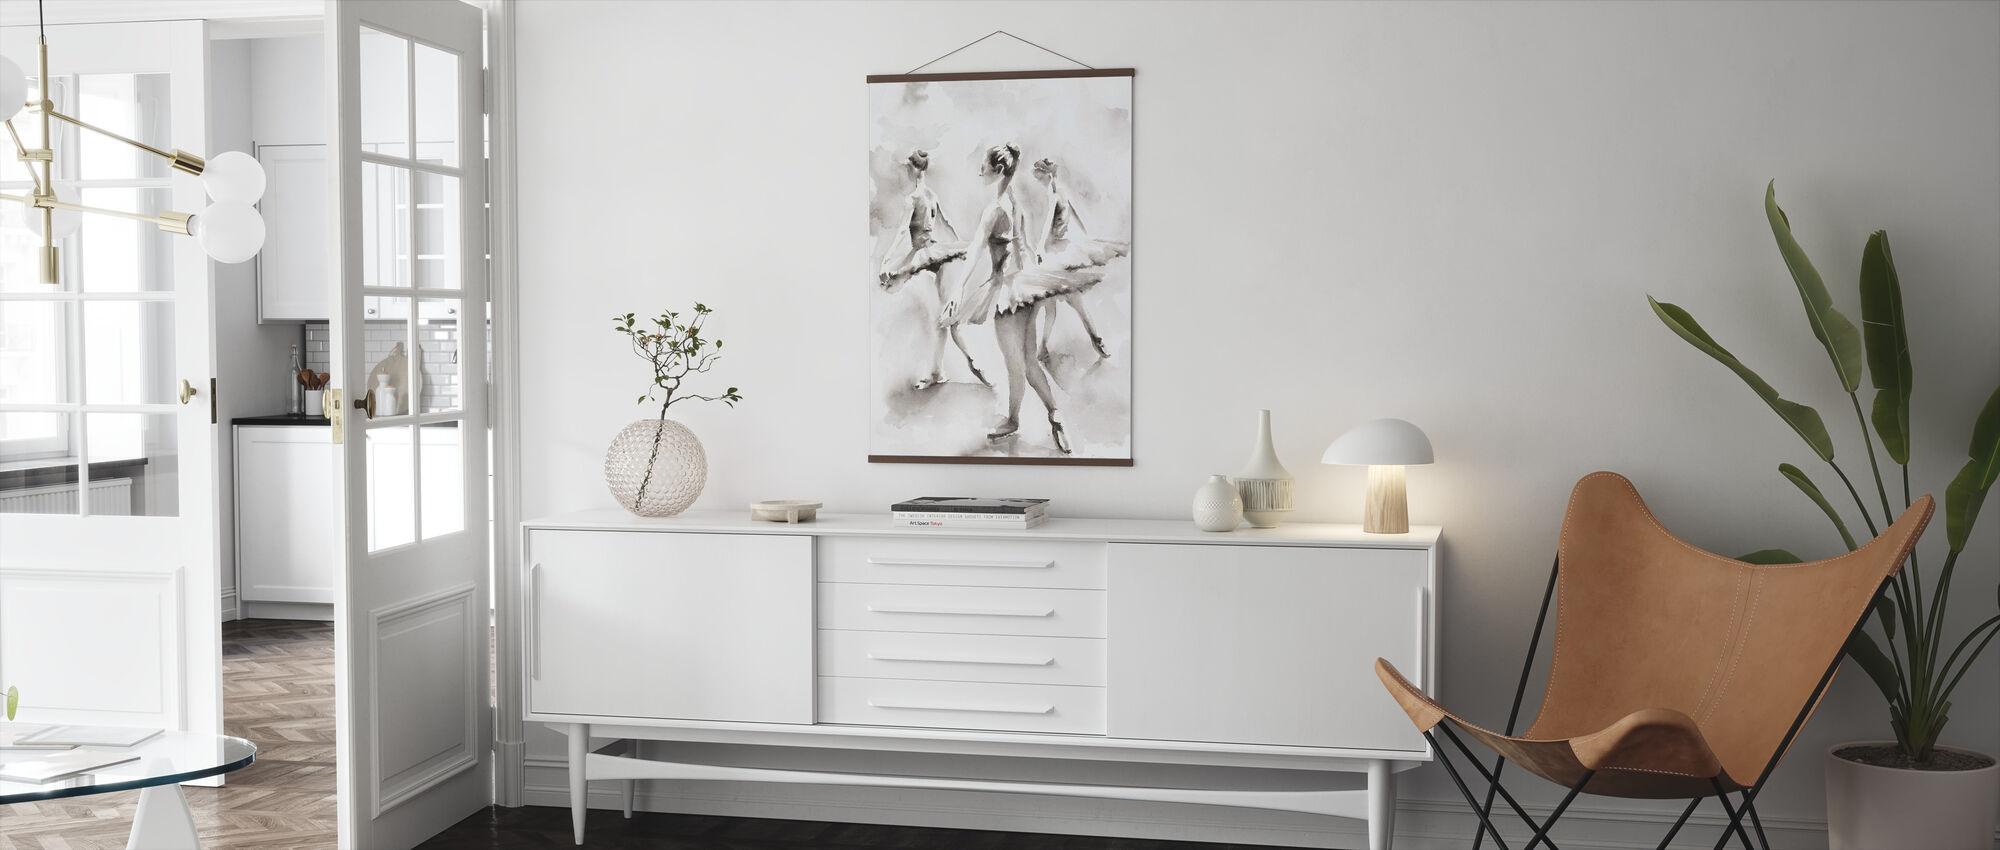 Three Ballerinas - Poster - Living Room